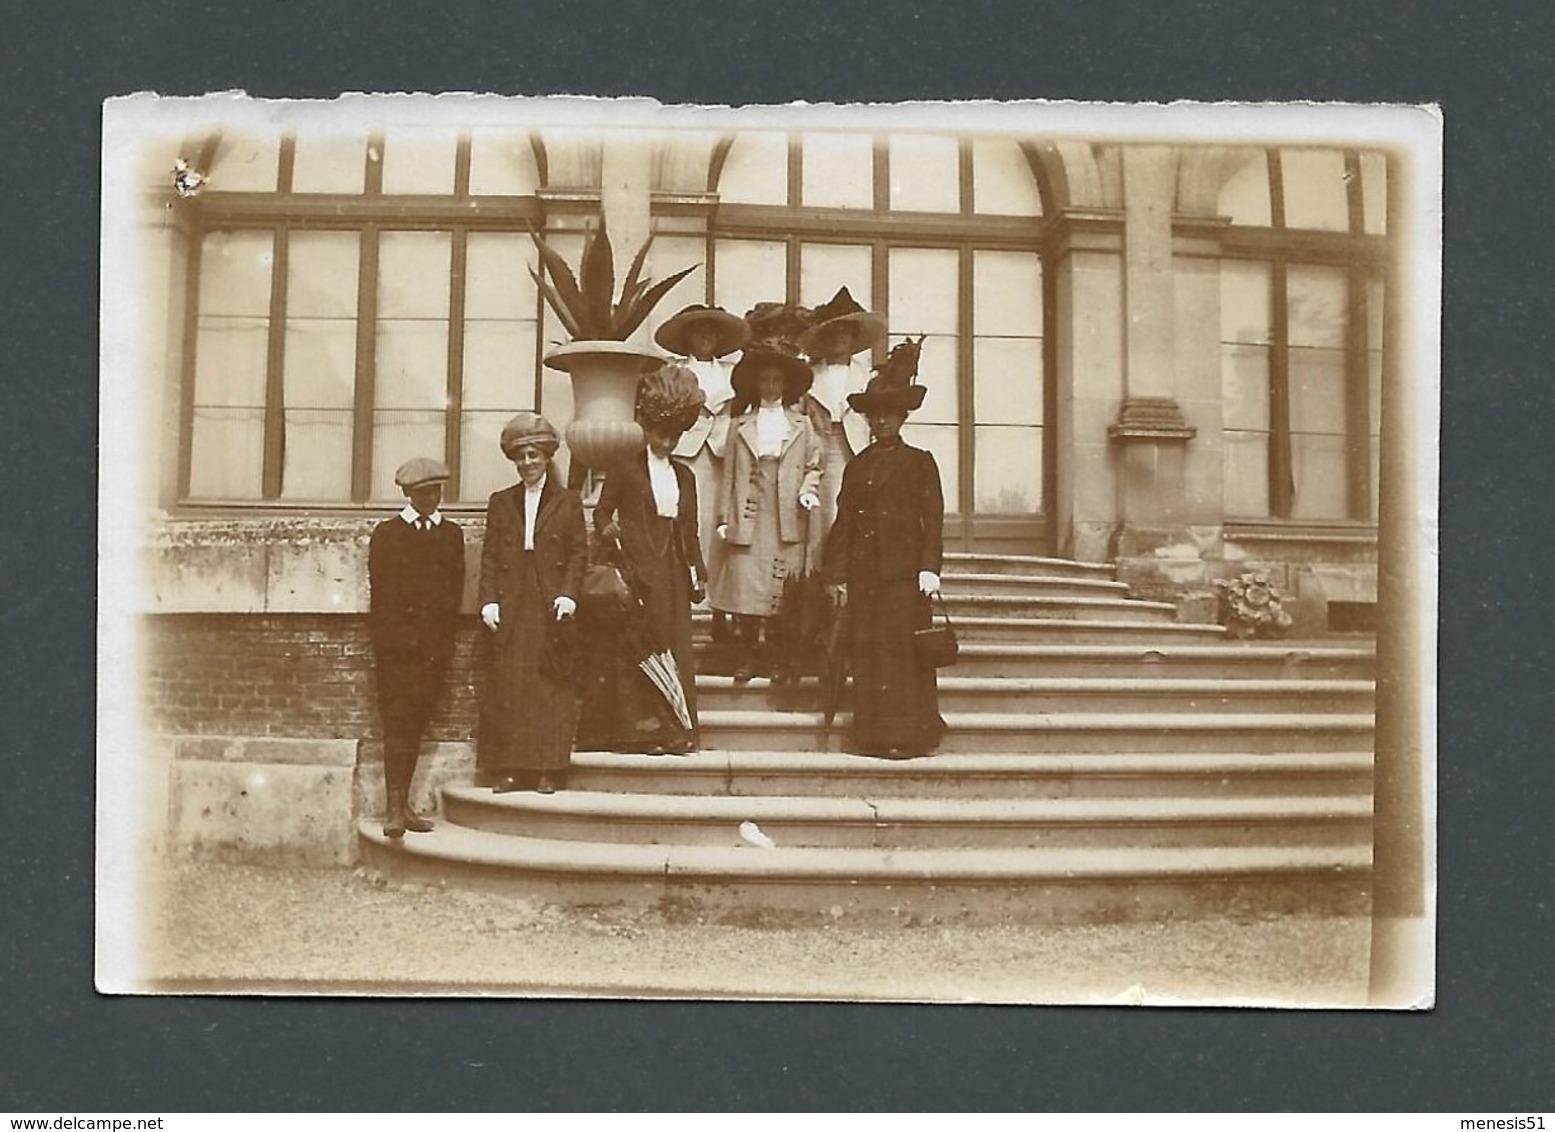 Photo Ancienne Real Foto Femmes Ladies Très élégantes Charme Beauty French Elegance Grands Chapeaux Big Hats - Other